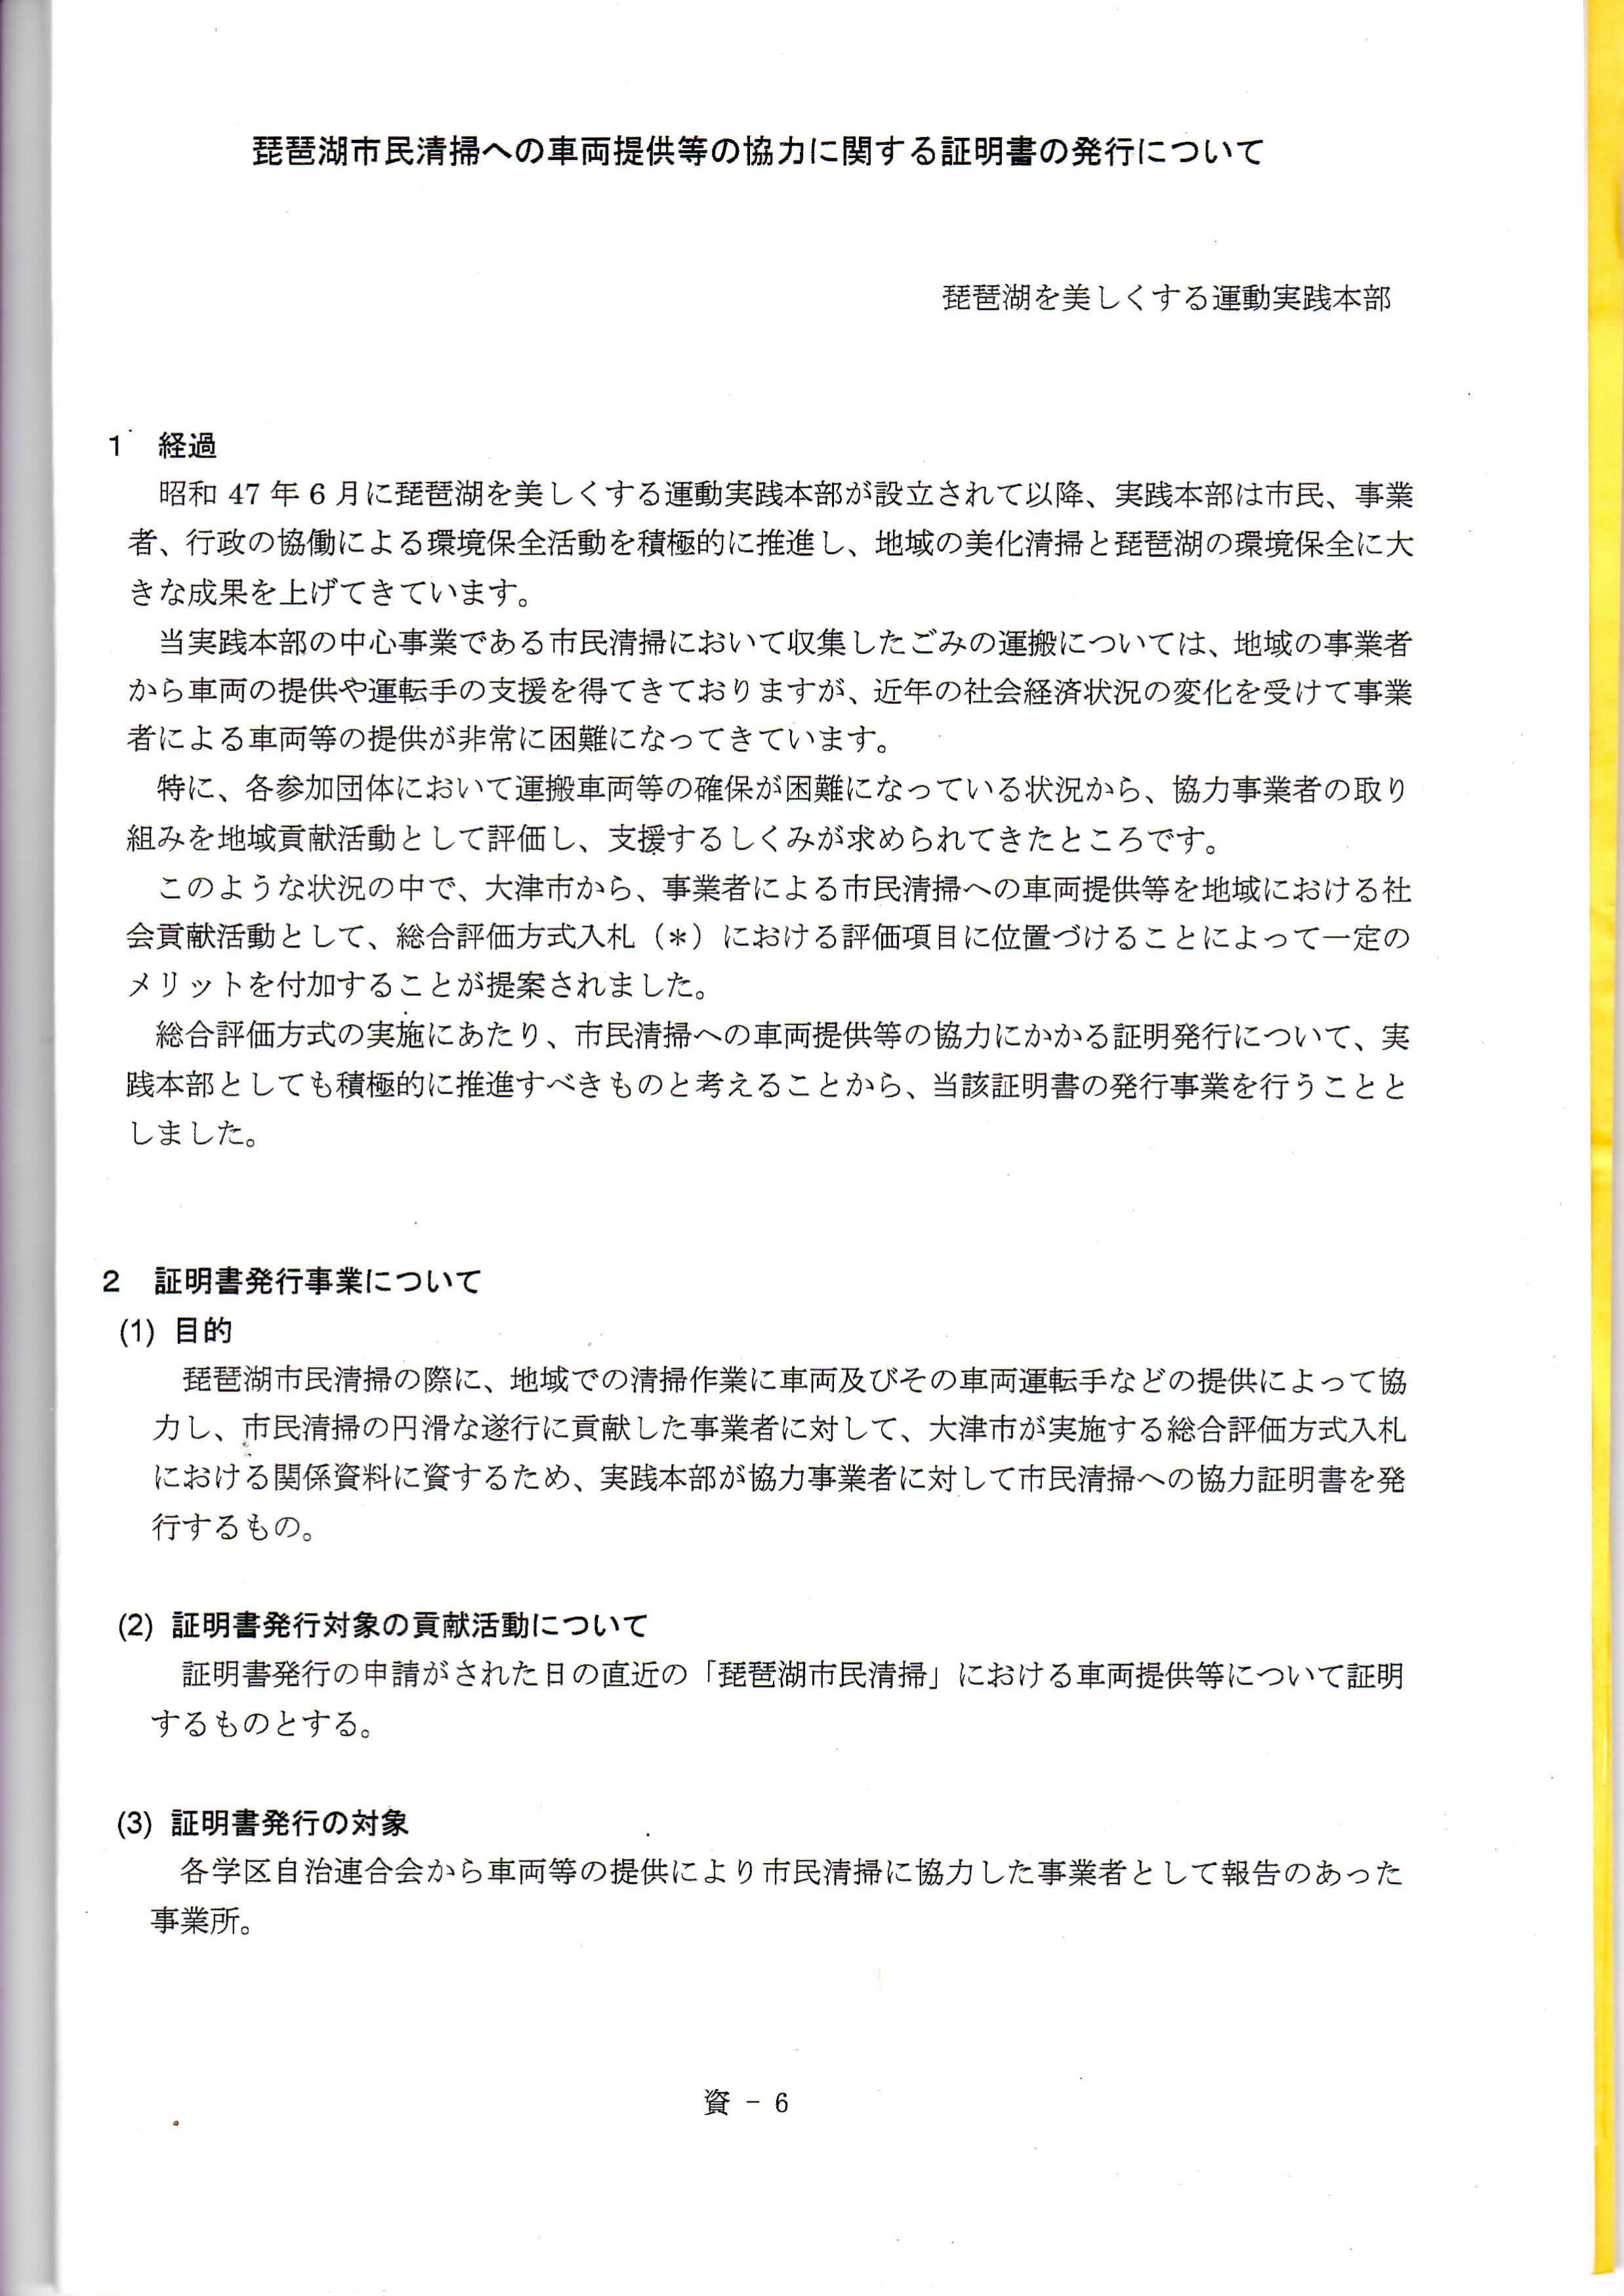 琵琶湖市民清掃の証明書発行について